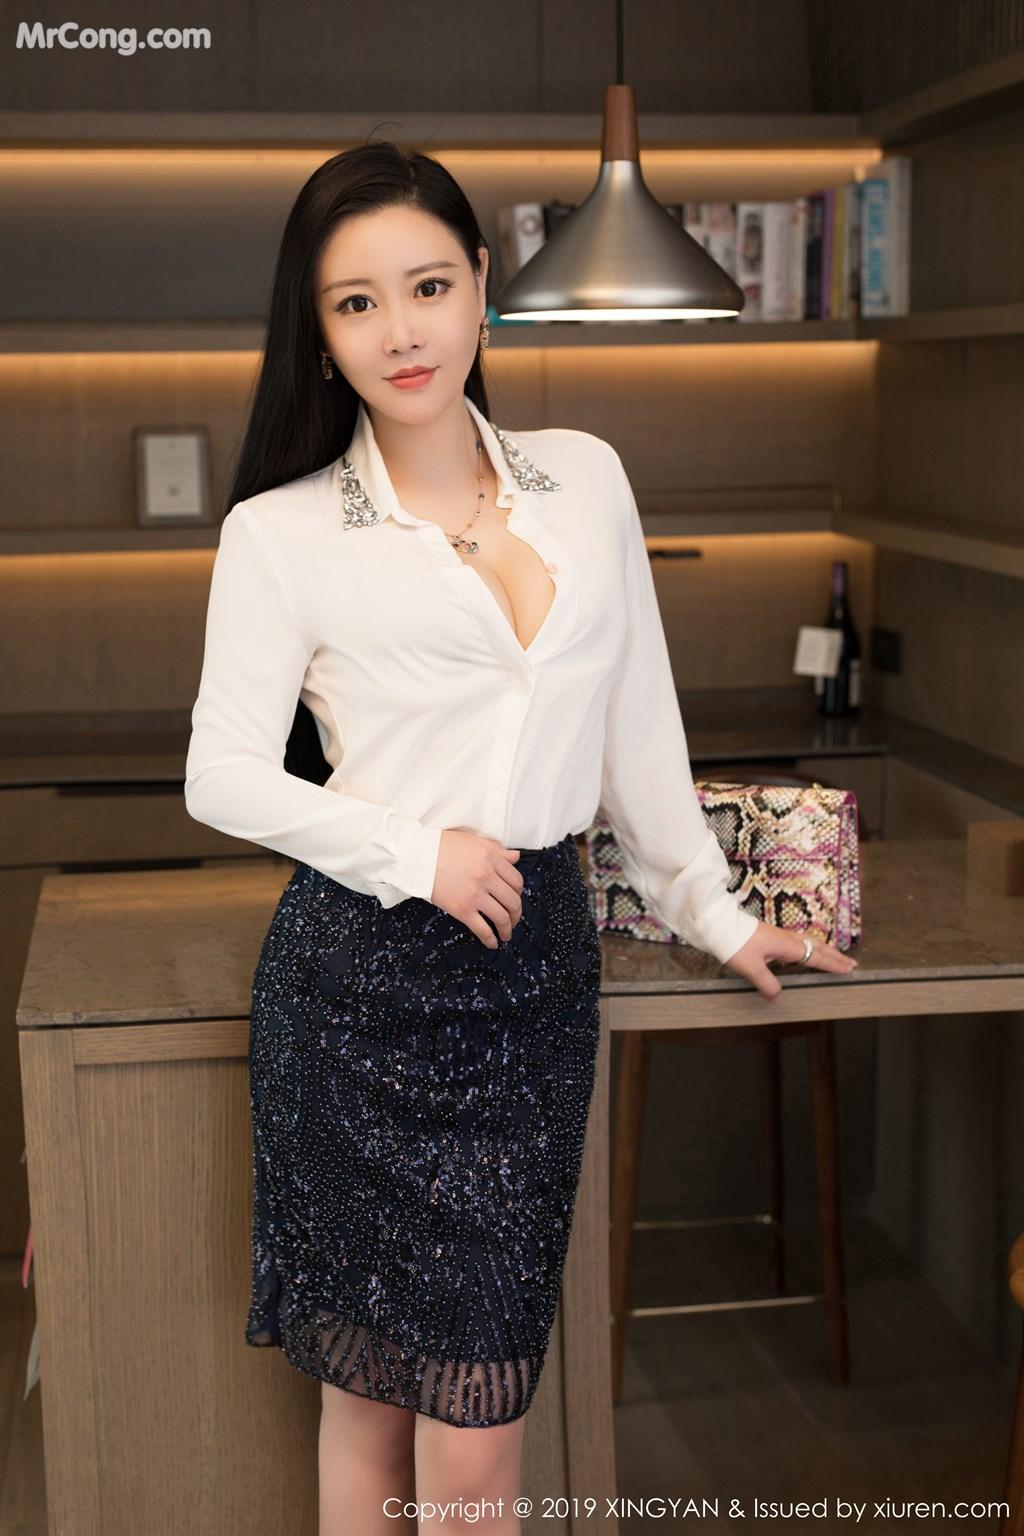 Image XingYan-Vol.115-Wang-Wan-You-Queen-MrCong.com-006 in post XingYan Vol.115: Wang Wan You (王婉悠Queen) (42 ảnh)